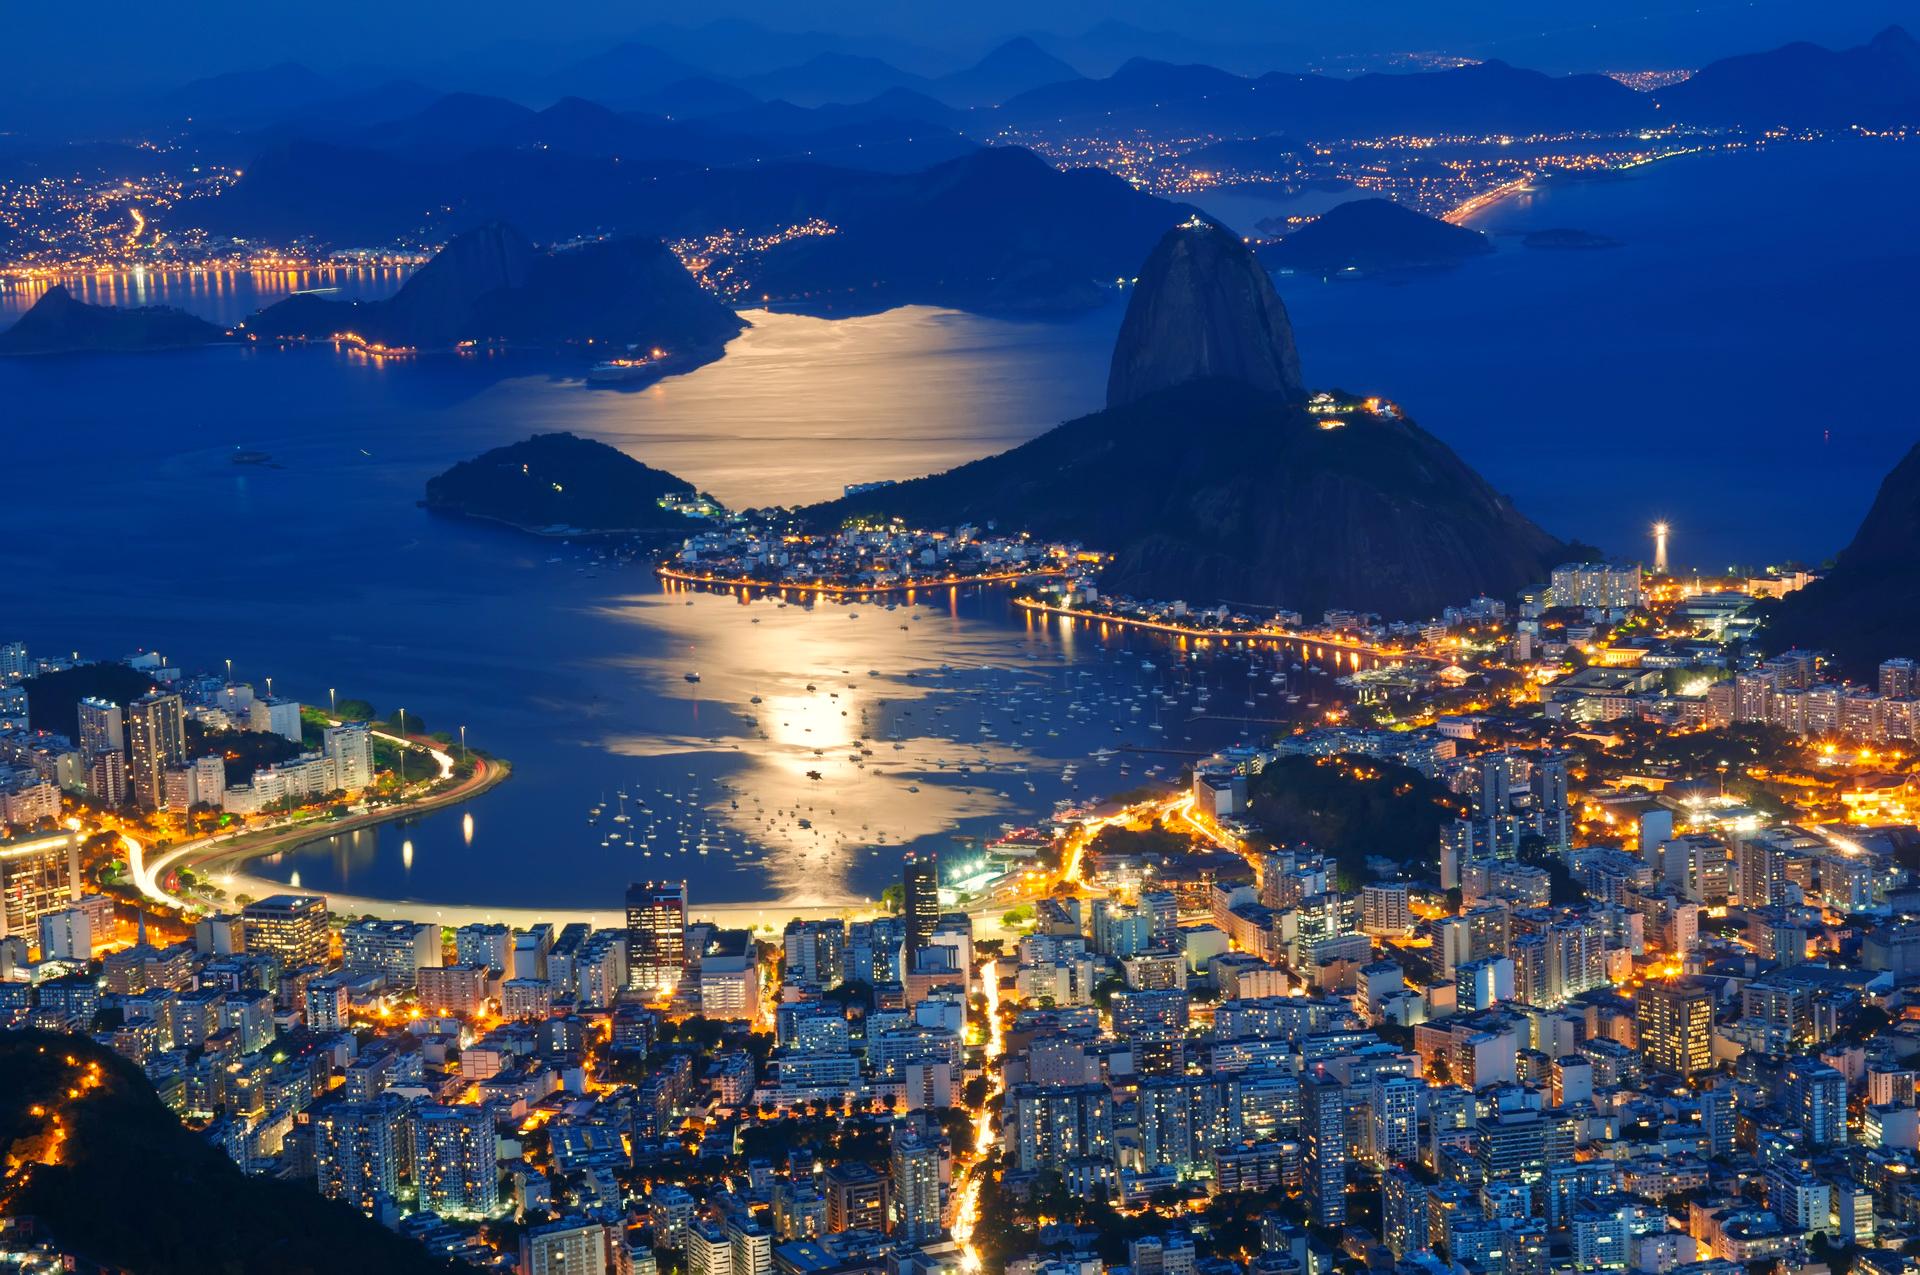 Бразилии в картинках